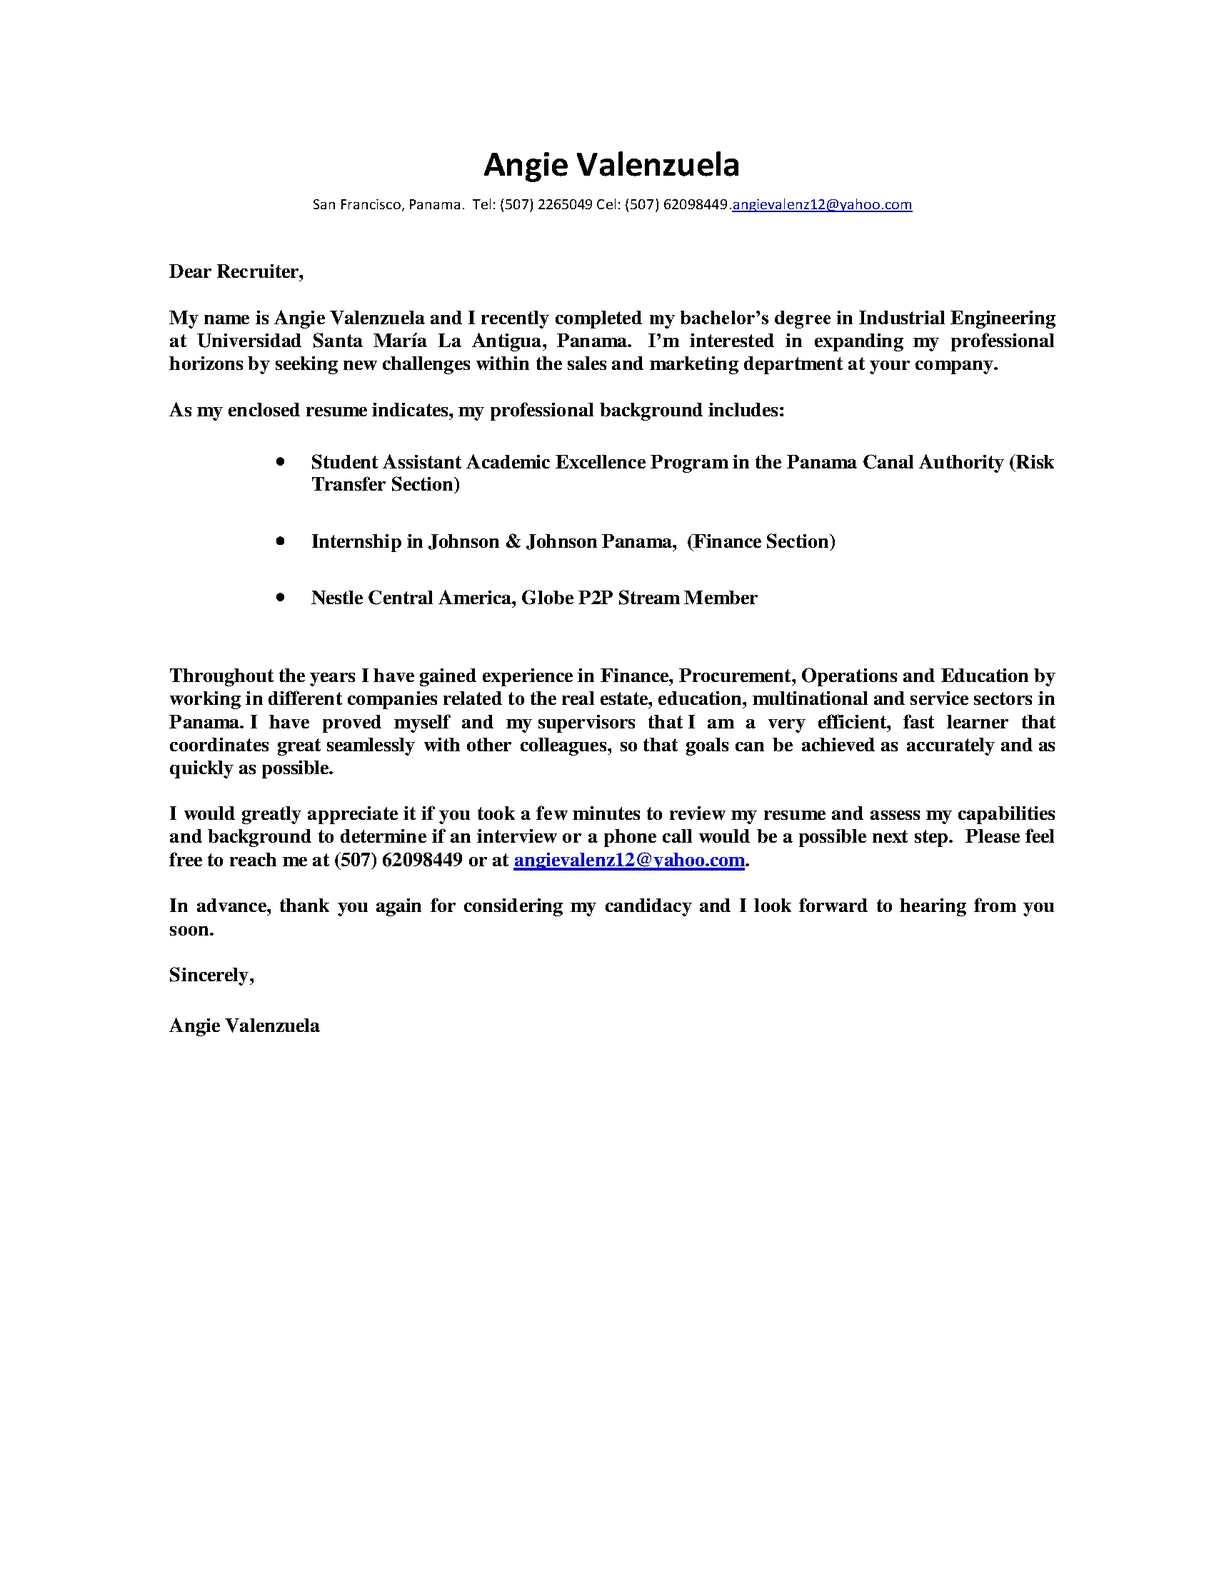 calamo practica industrial iii ejemplo de cover letter - Ejemplo De Cover Letter